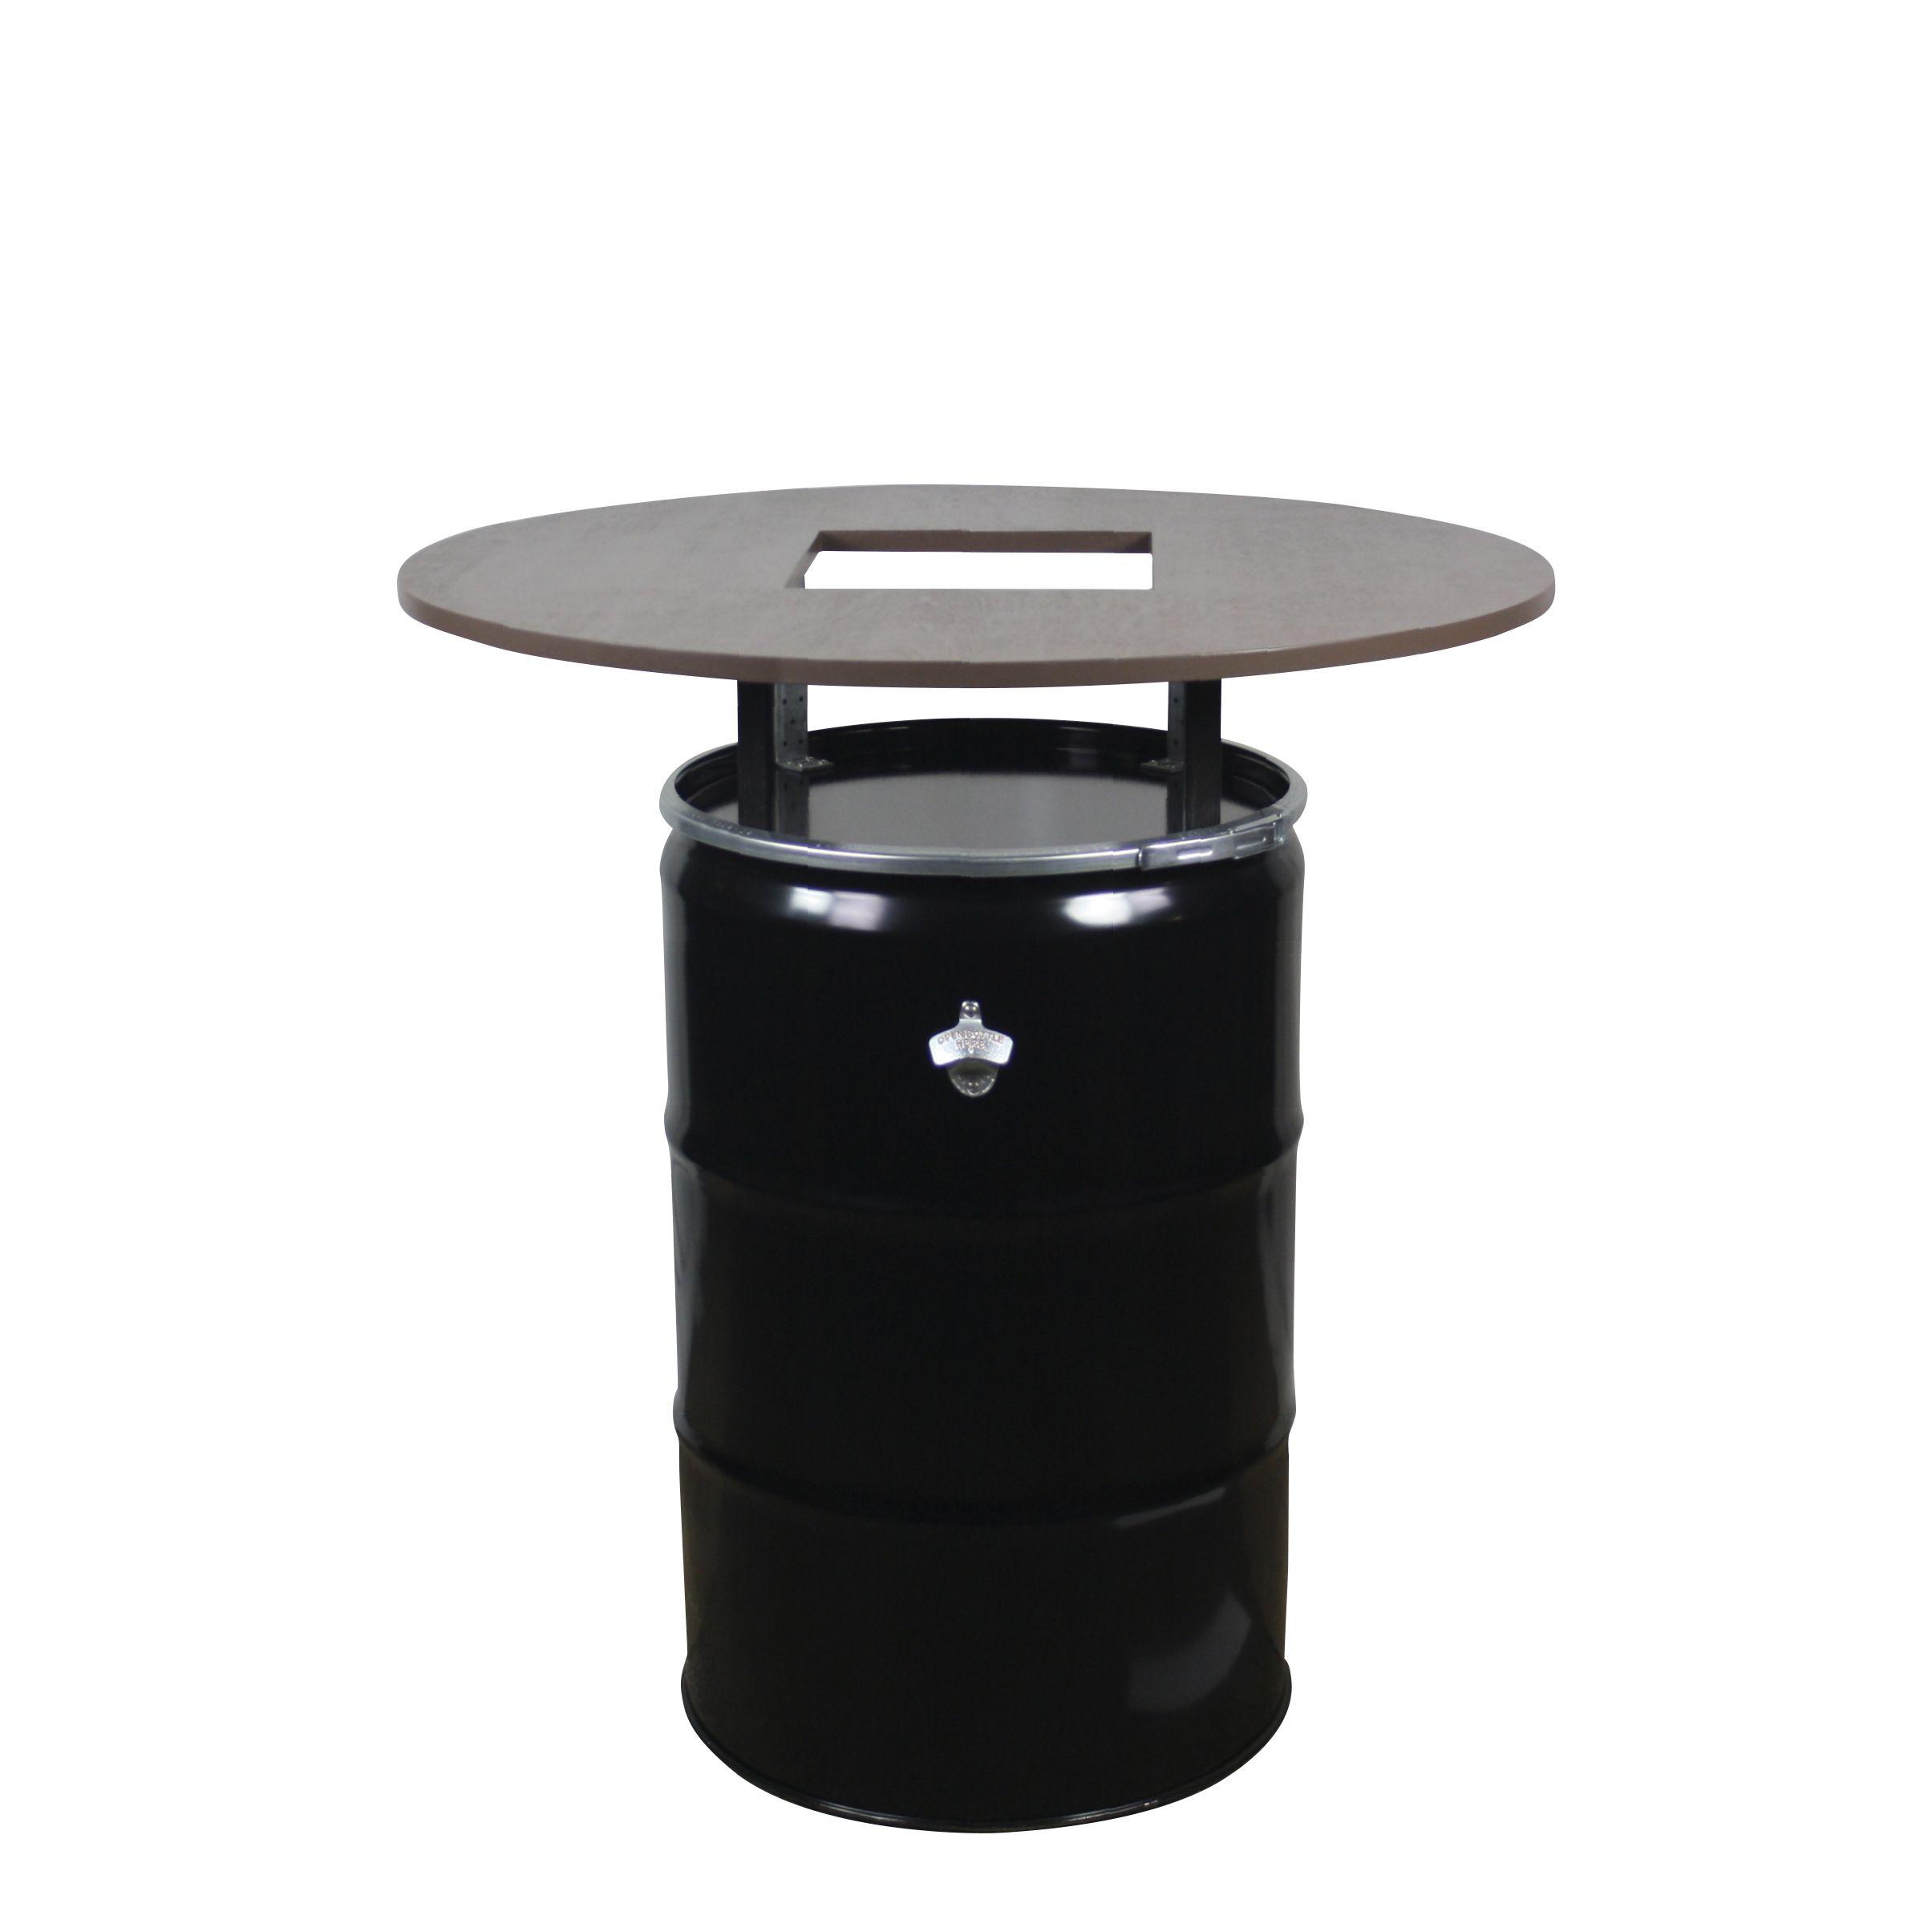 Grilltisch Bestehend Aus Stahlfass Halterungen Tischplatte Und